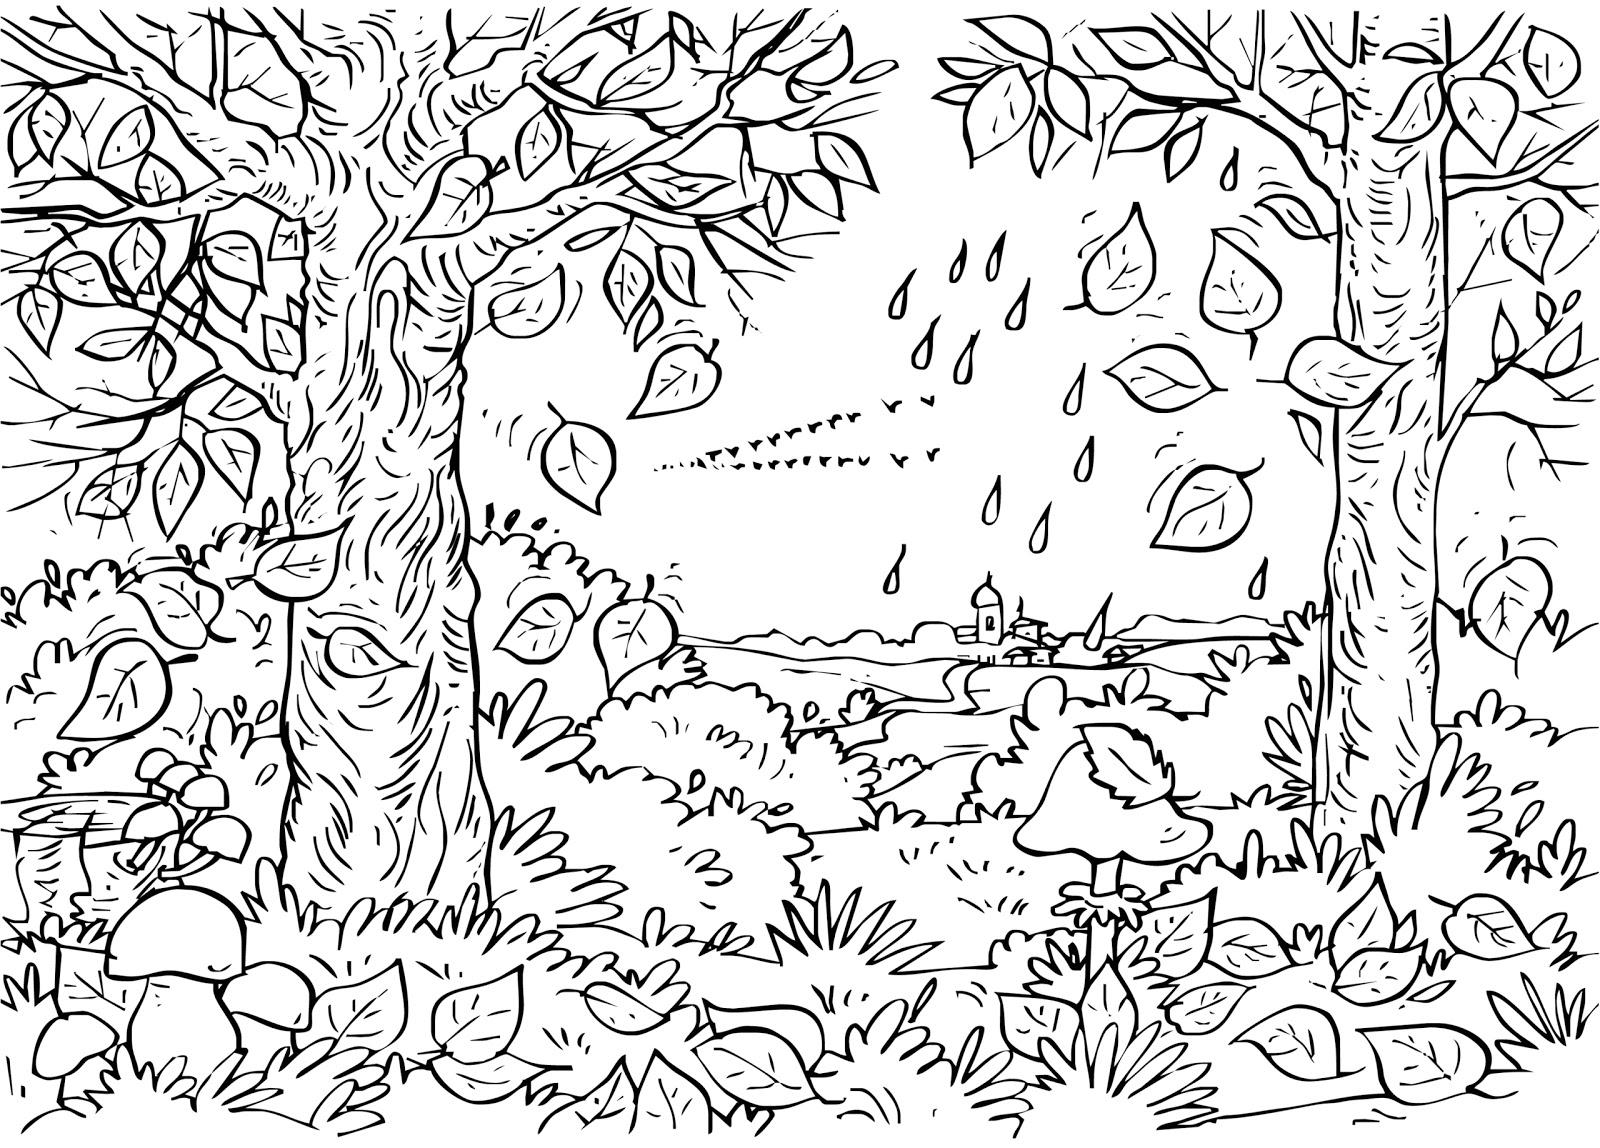 Forêt #32 (Nature) – Coloriages À Imprimer concernant Dessin De Foret